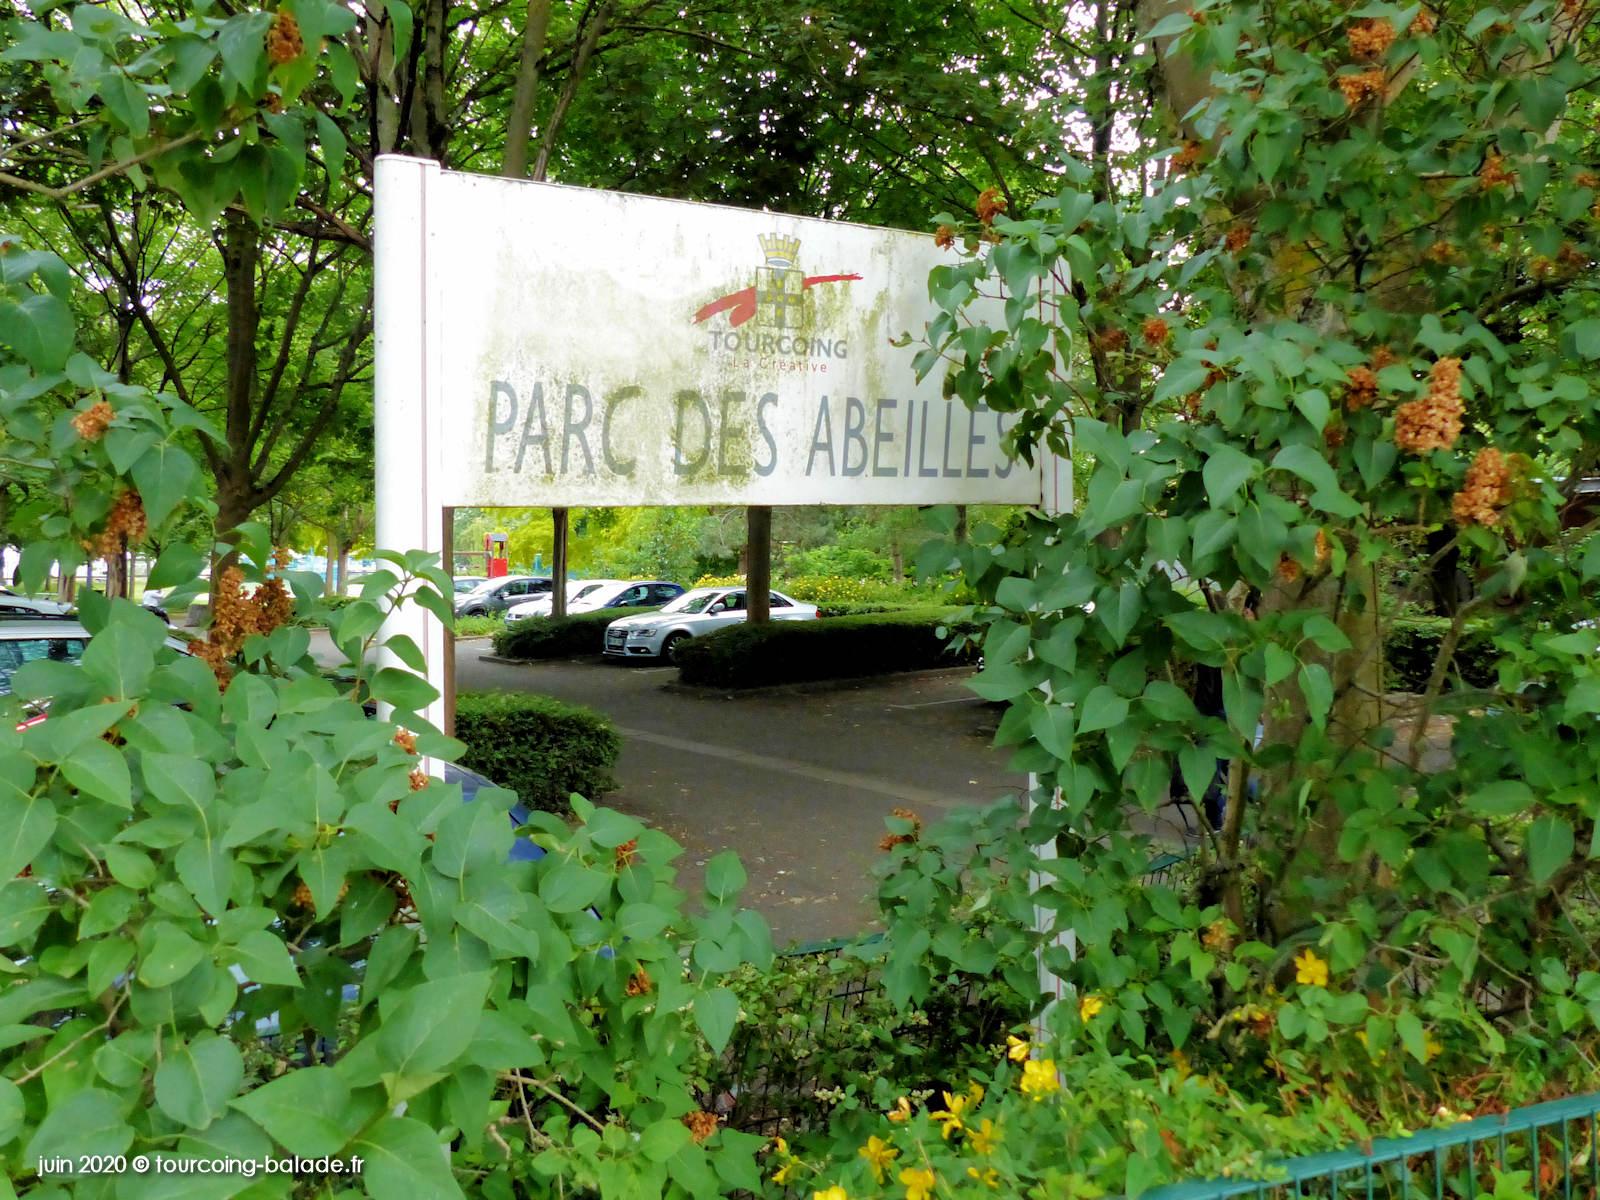 Panneau Parc des Abeilles, Tourcoing